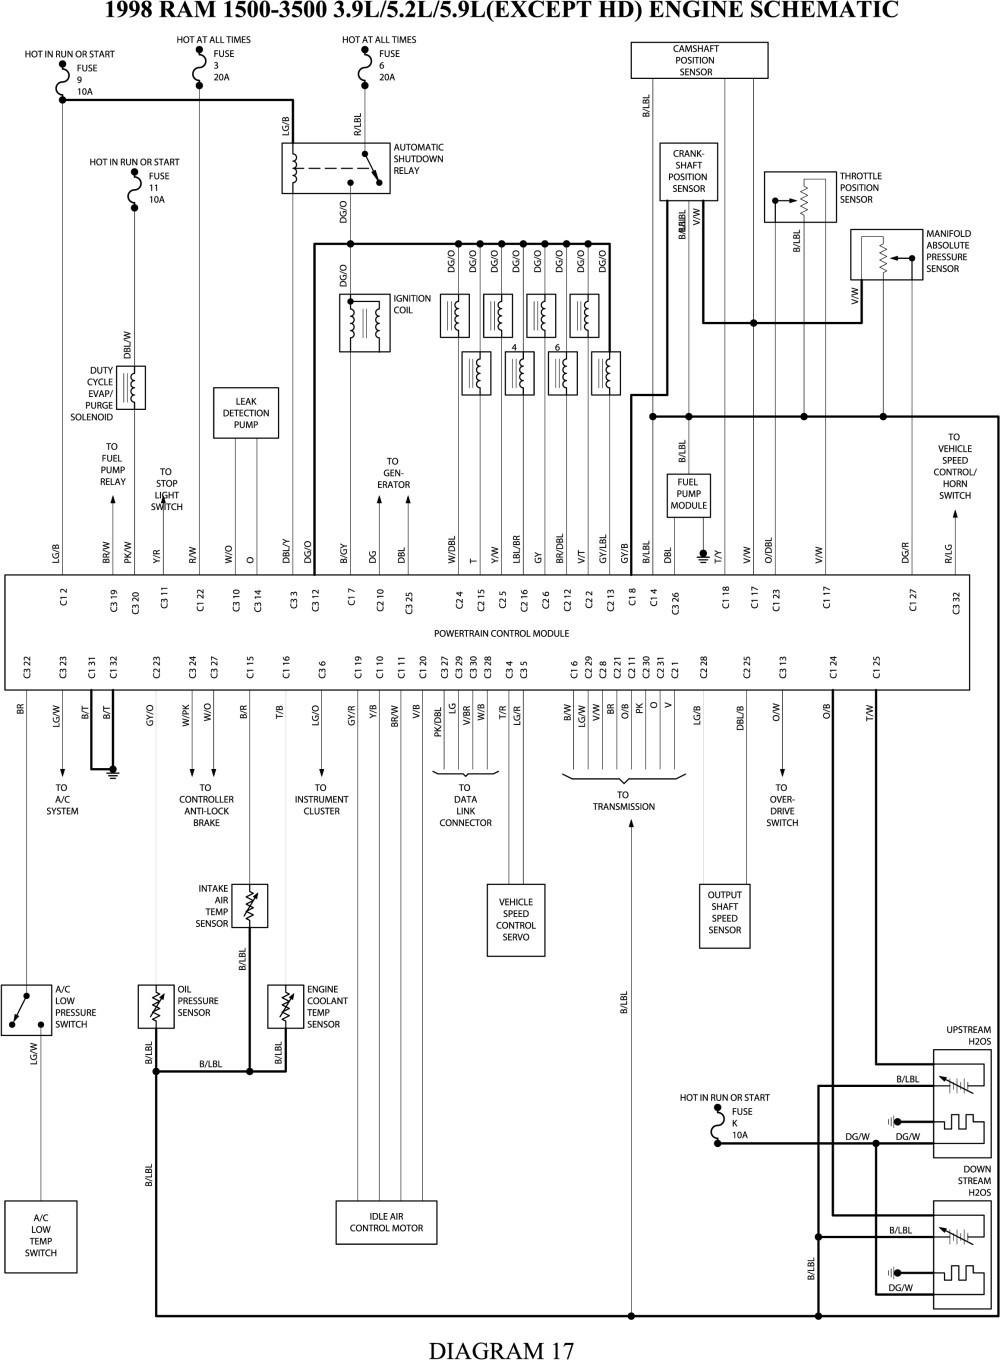 Repair Guides Wiring Diagrams Autozone With 2000 Dodge Durango Dodge Ram 1500 Vacuum Diagram 2001 Dodge